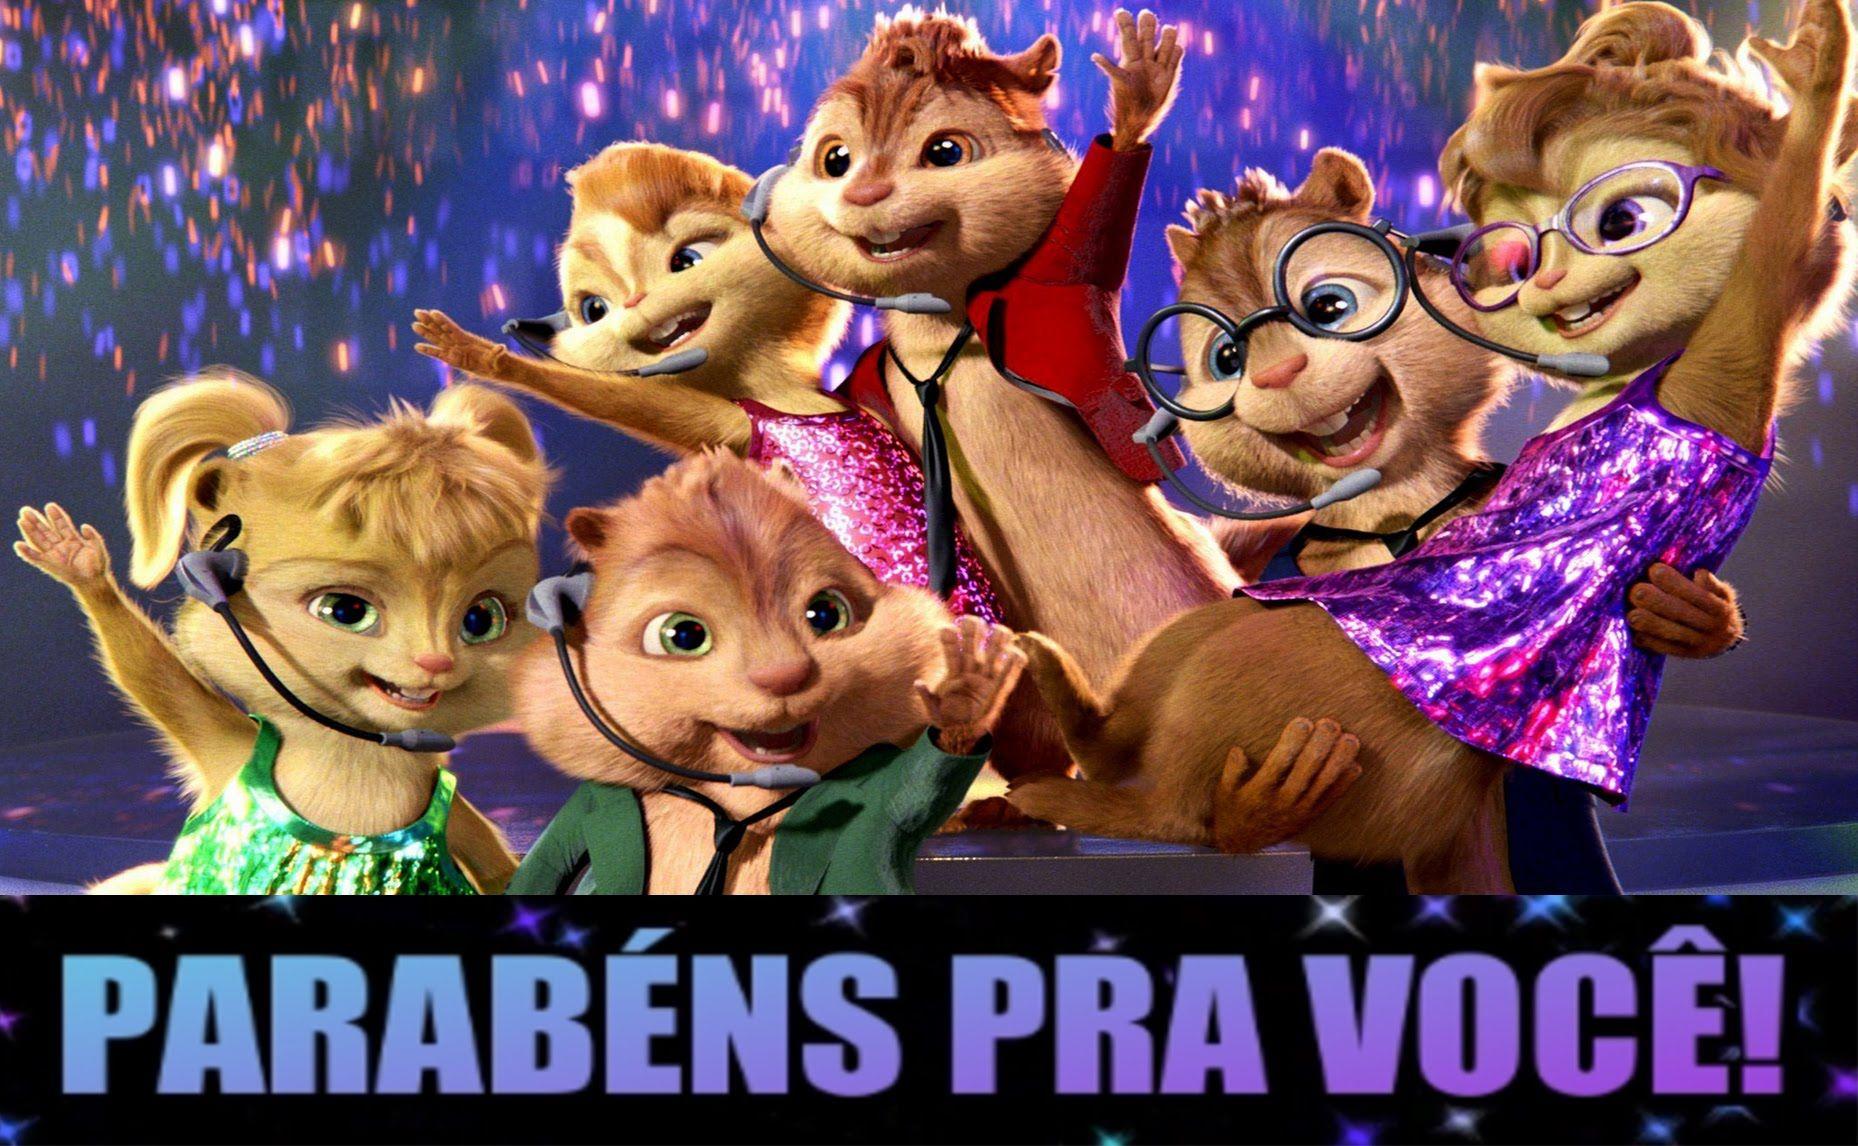 Parabens Pra Voce Com Imagens Musica De Feliz Aniversario